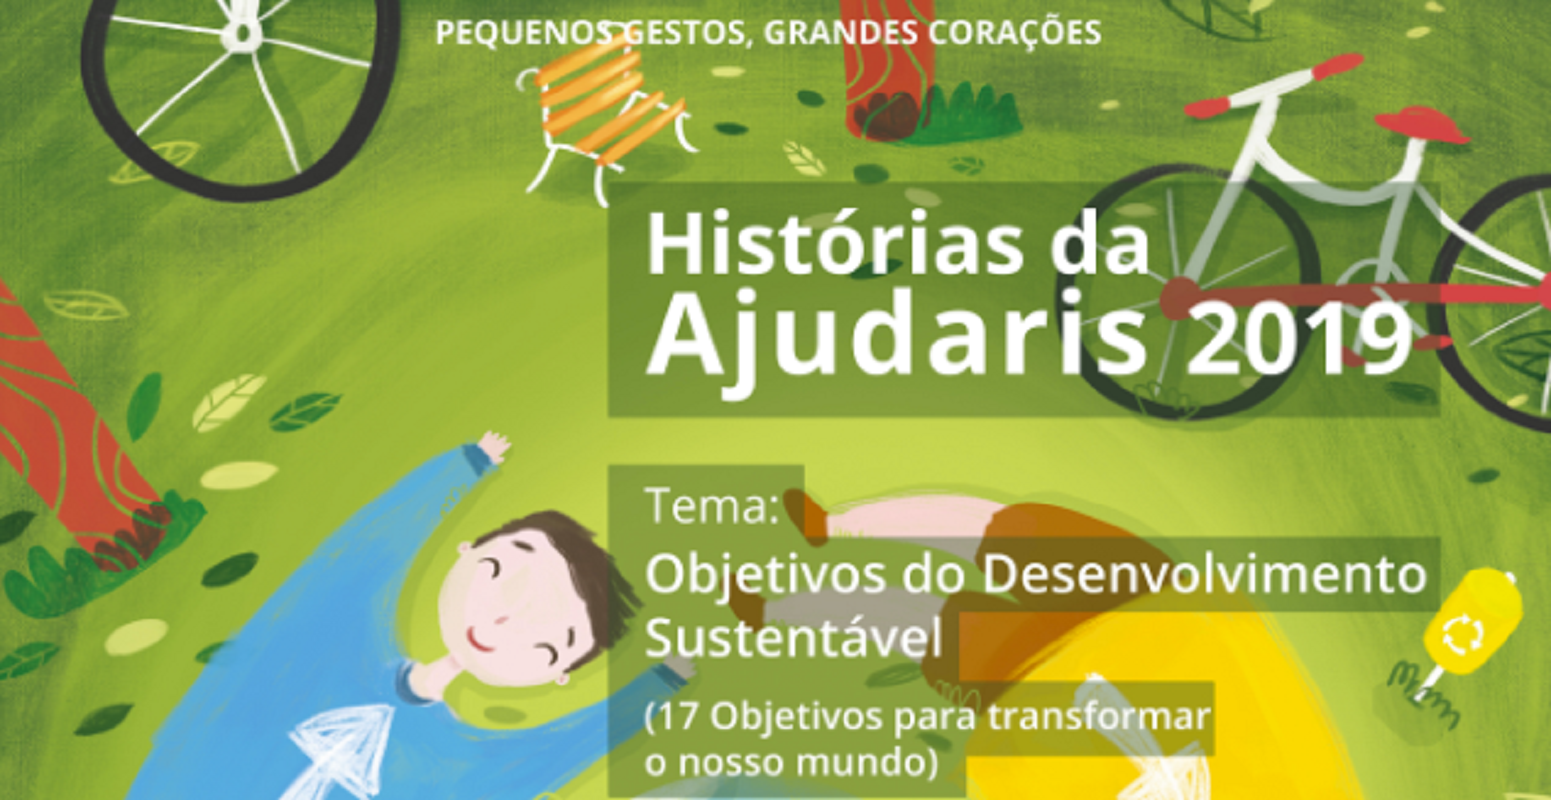 Histórias da Ajudaris lançadas no dia 16 em Viana do Castelo